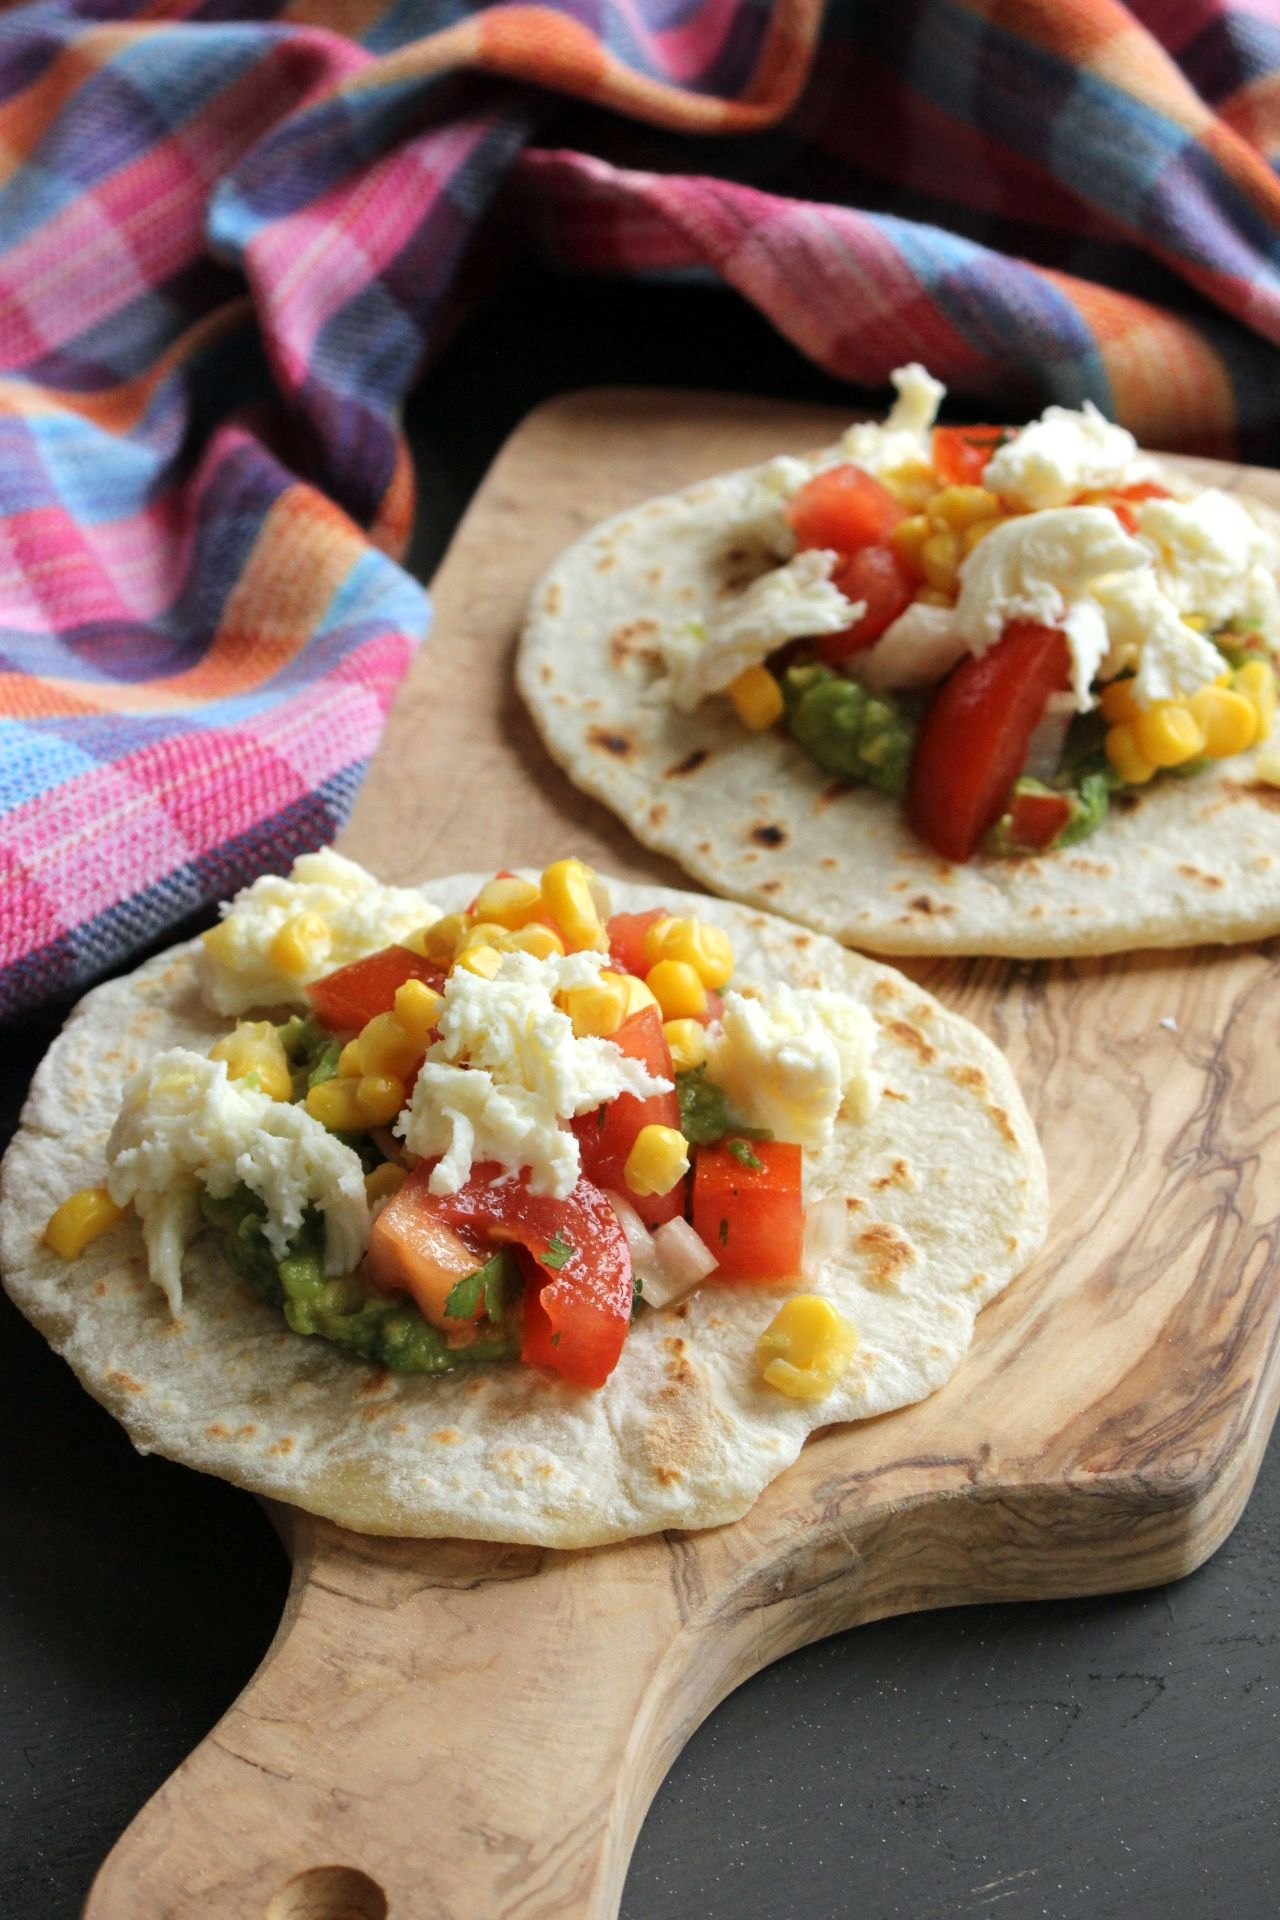 die besten 25 tacos selber machen ideen auf pinterest rezepte vorspeisen fleisch taco shells. Black Bedroom Furniture Sets. Home Design Ideas